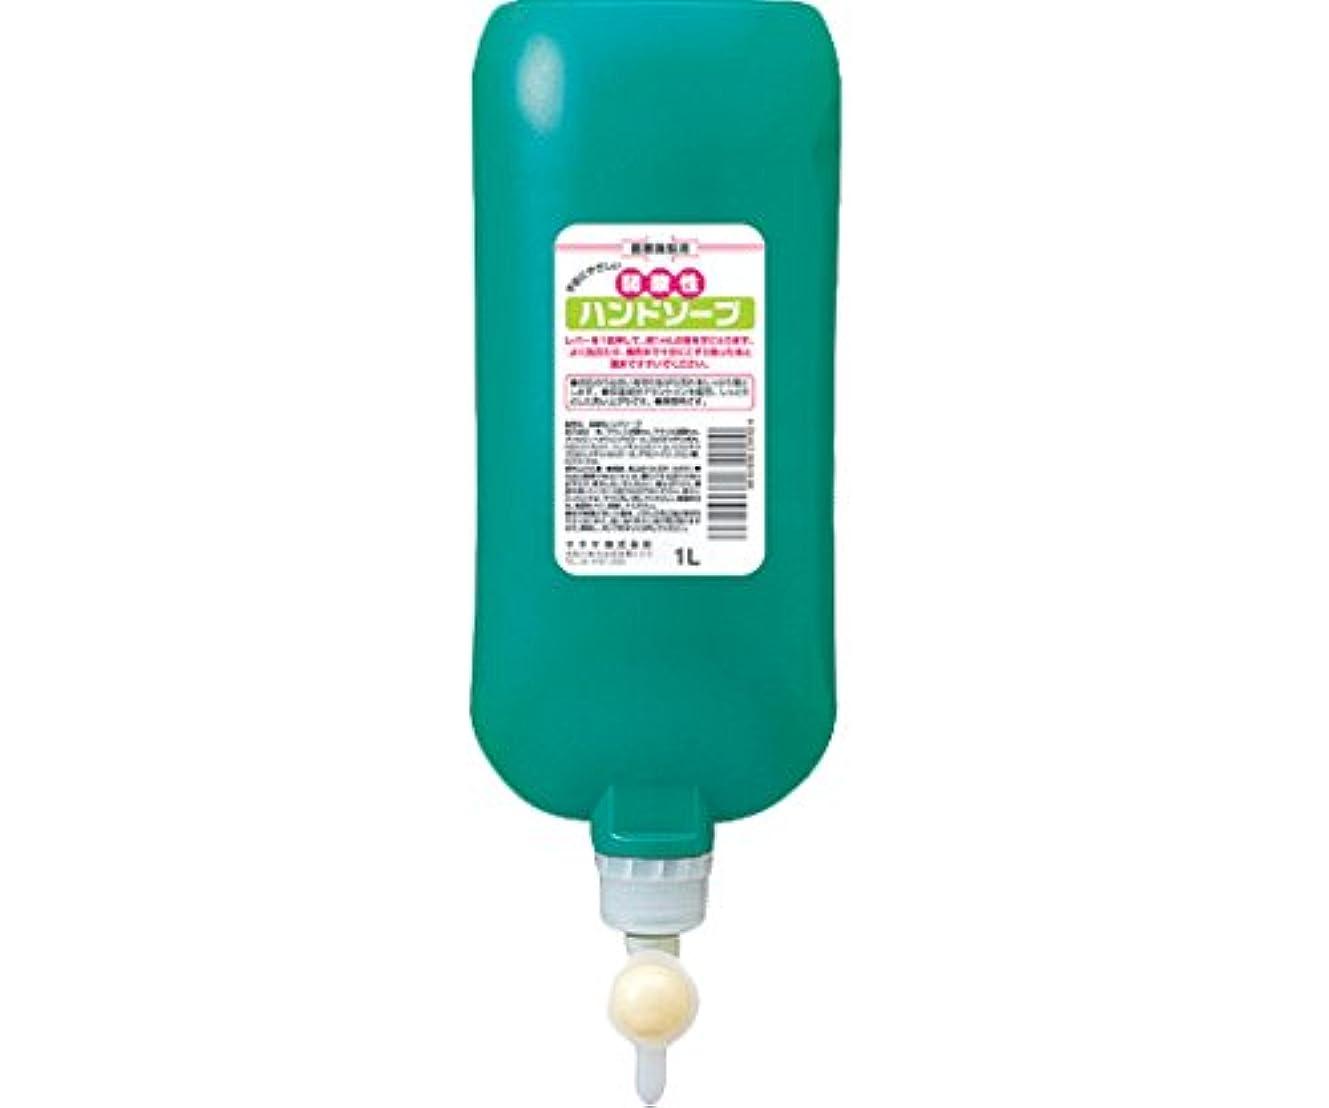 サラヤ 弱酸性ハンドソープ ディスポパック(1袋入) 23402 /8-8044-02